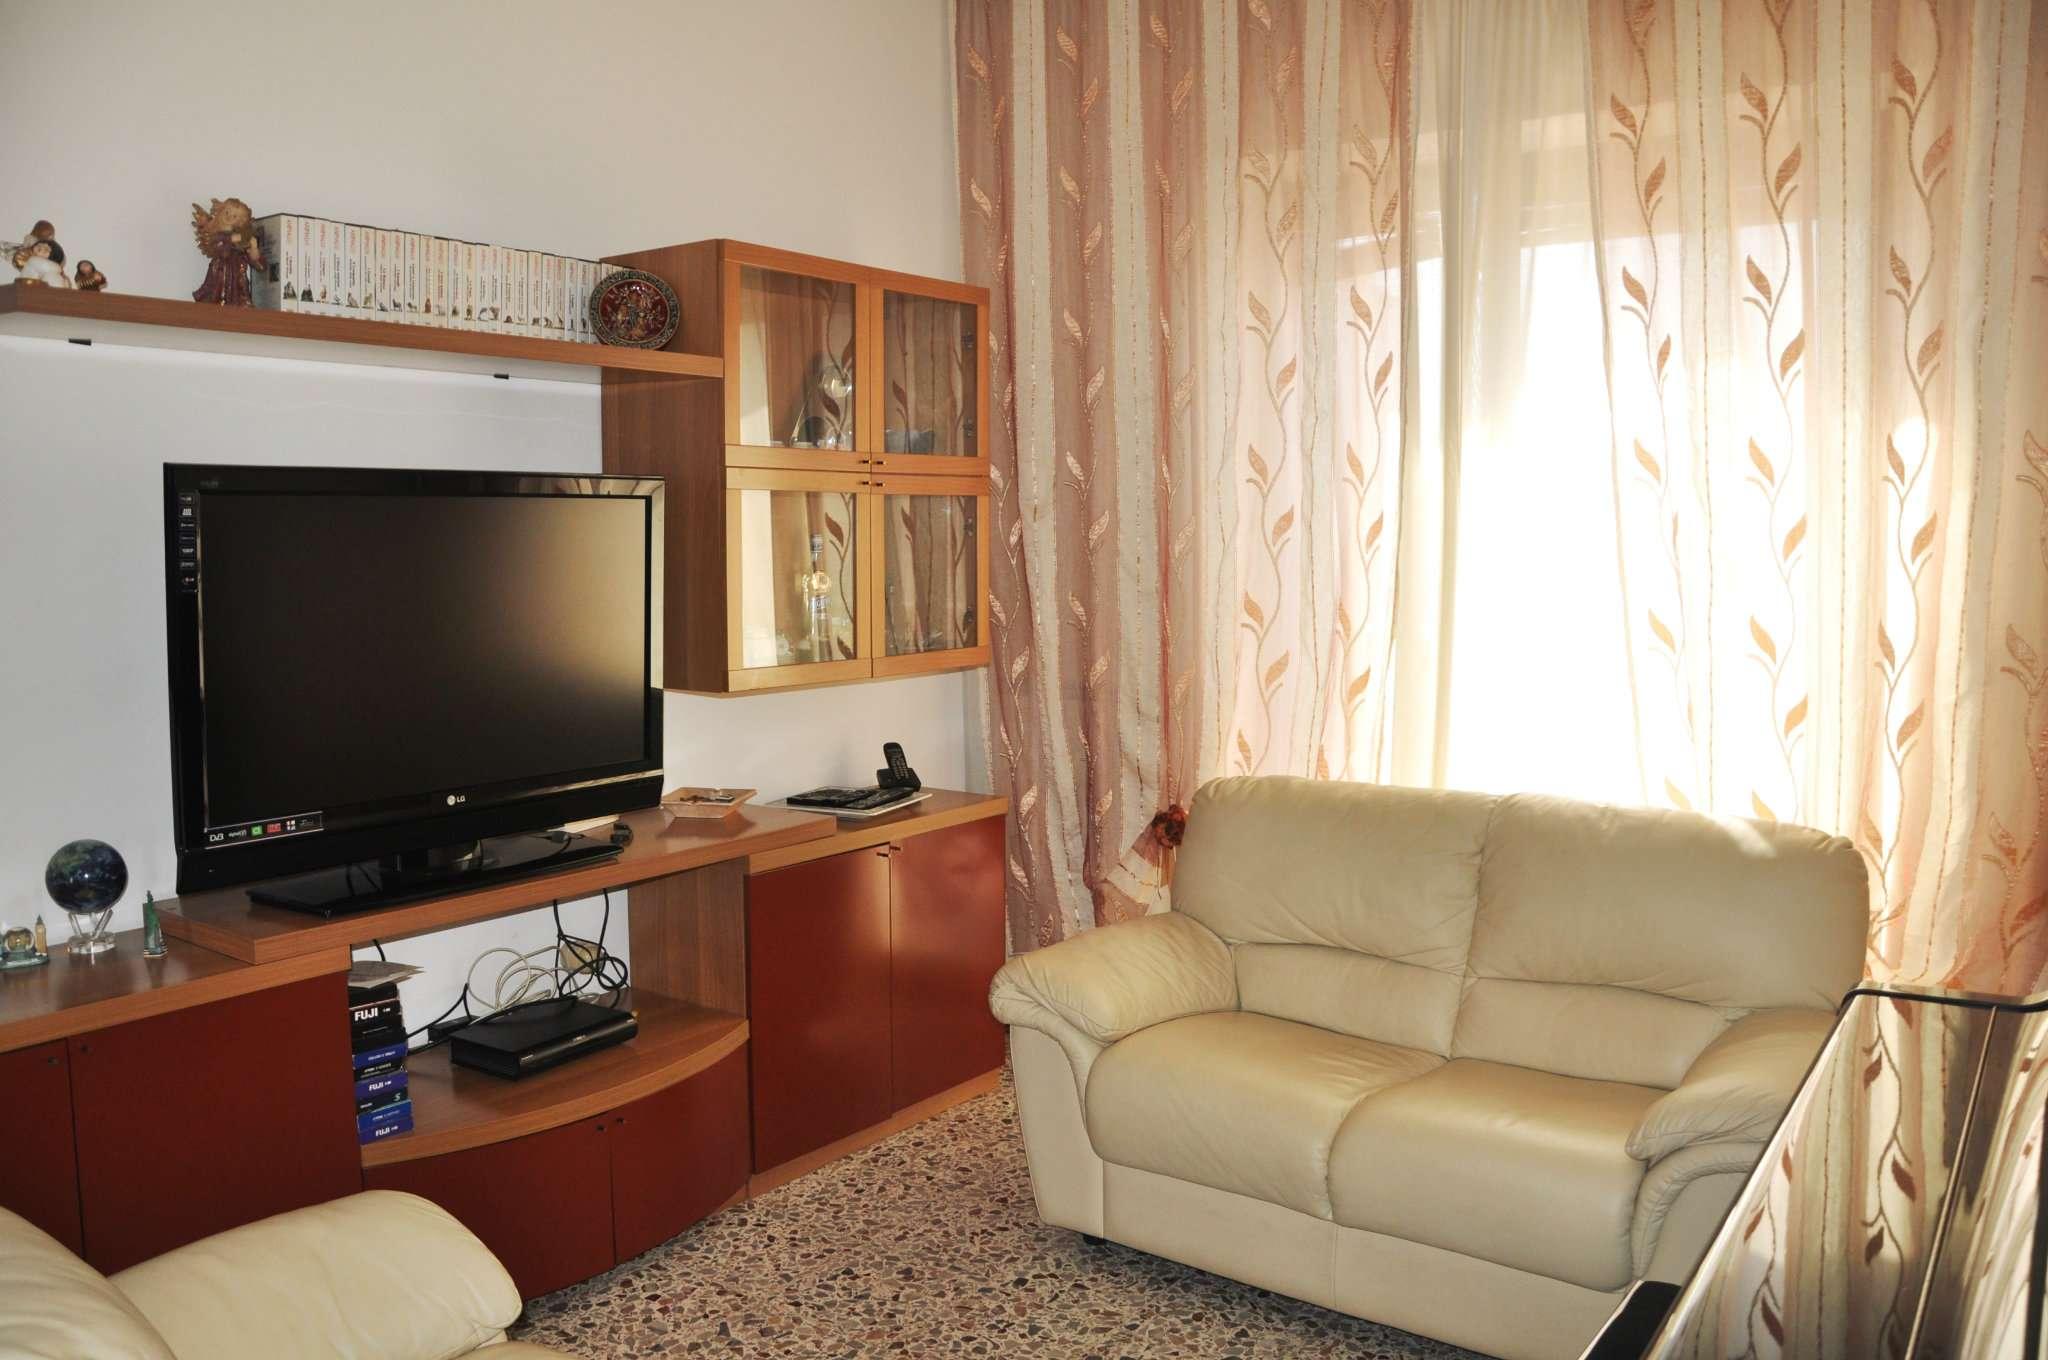 Appartamento in vendita a Fasano, 4 locali, prezzo € 98.000 | PortaleAgenzieImmobiliari.it